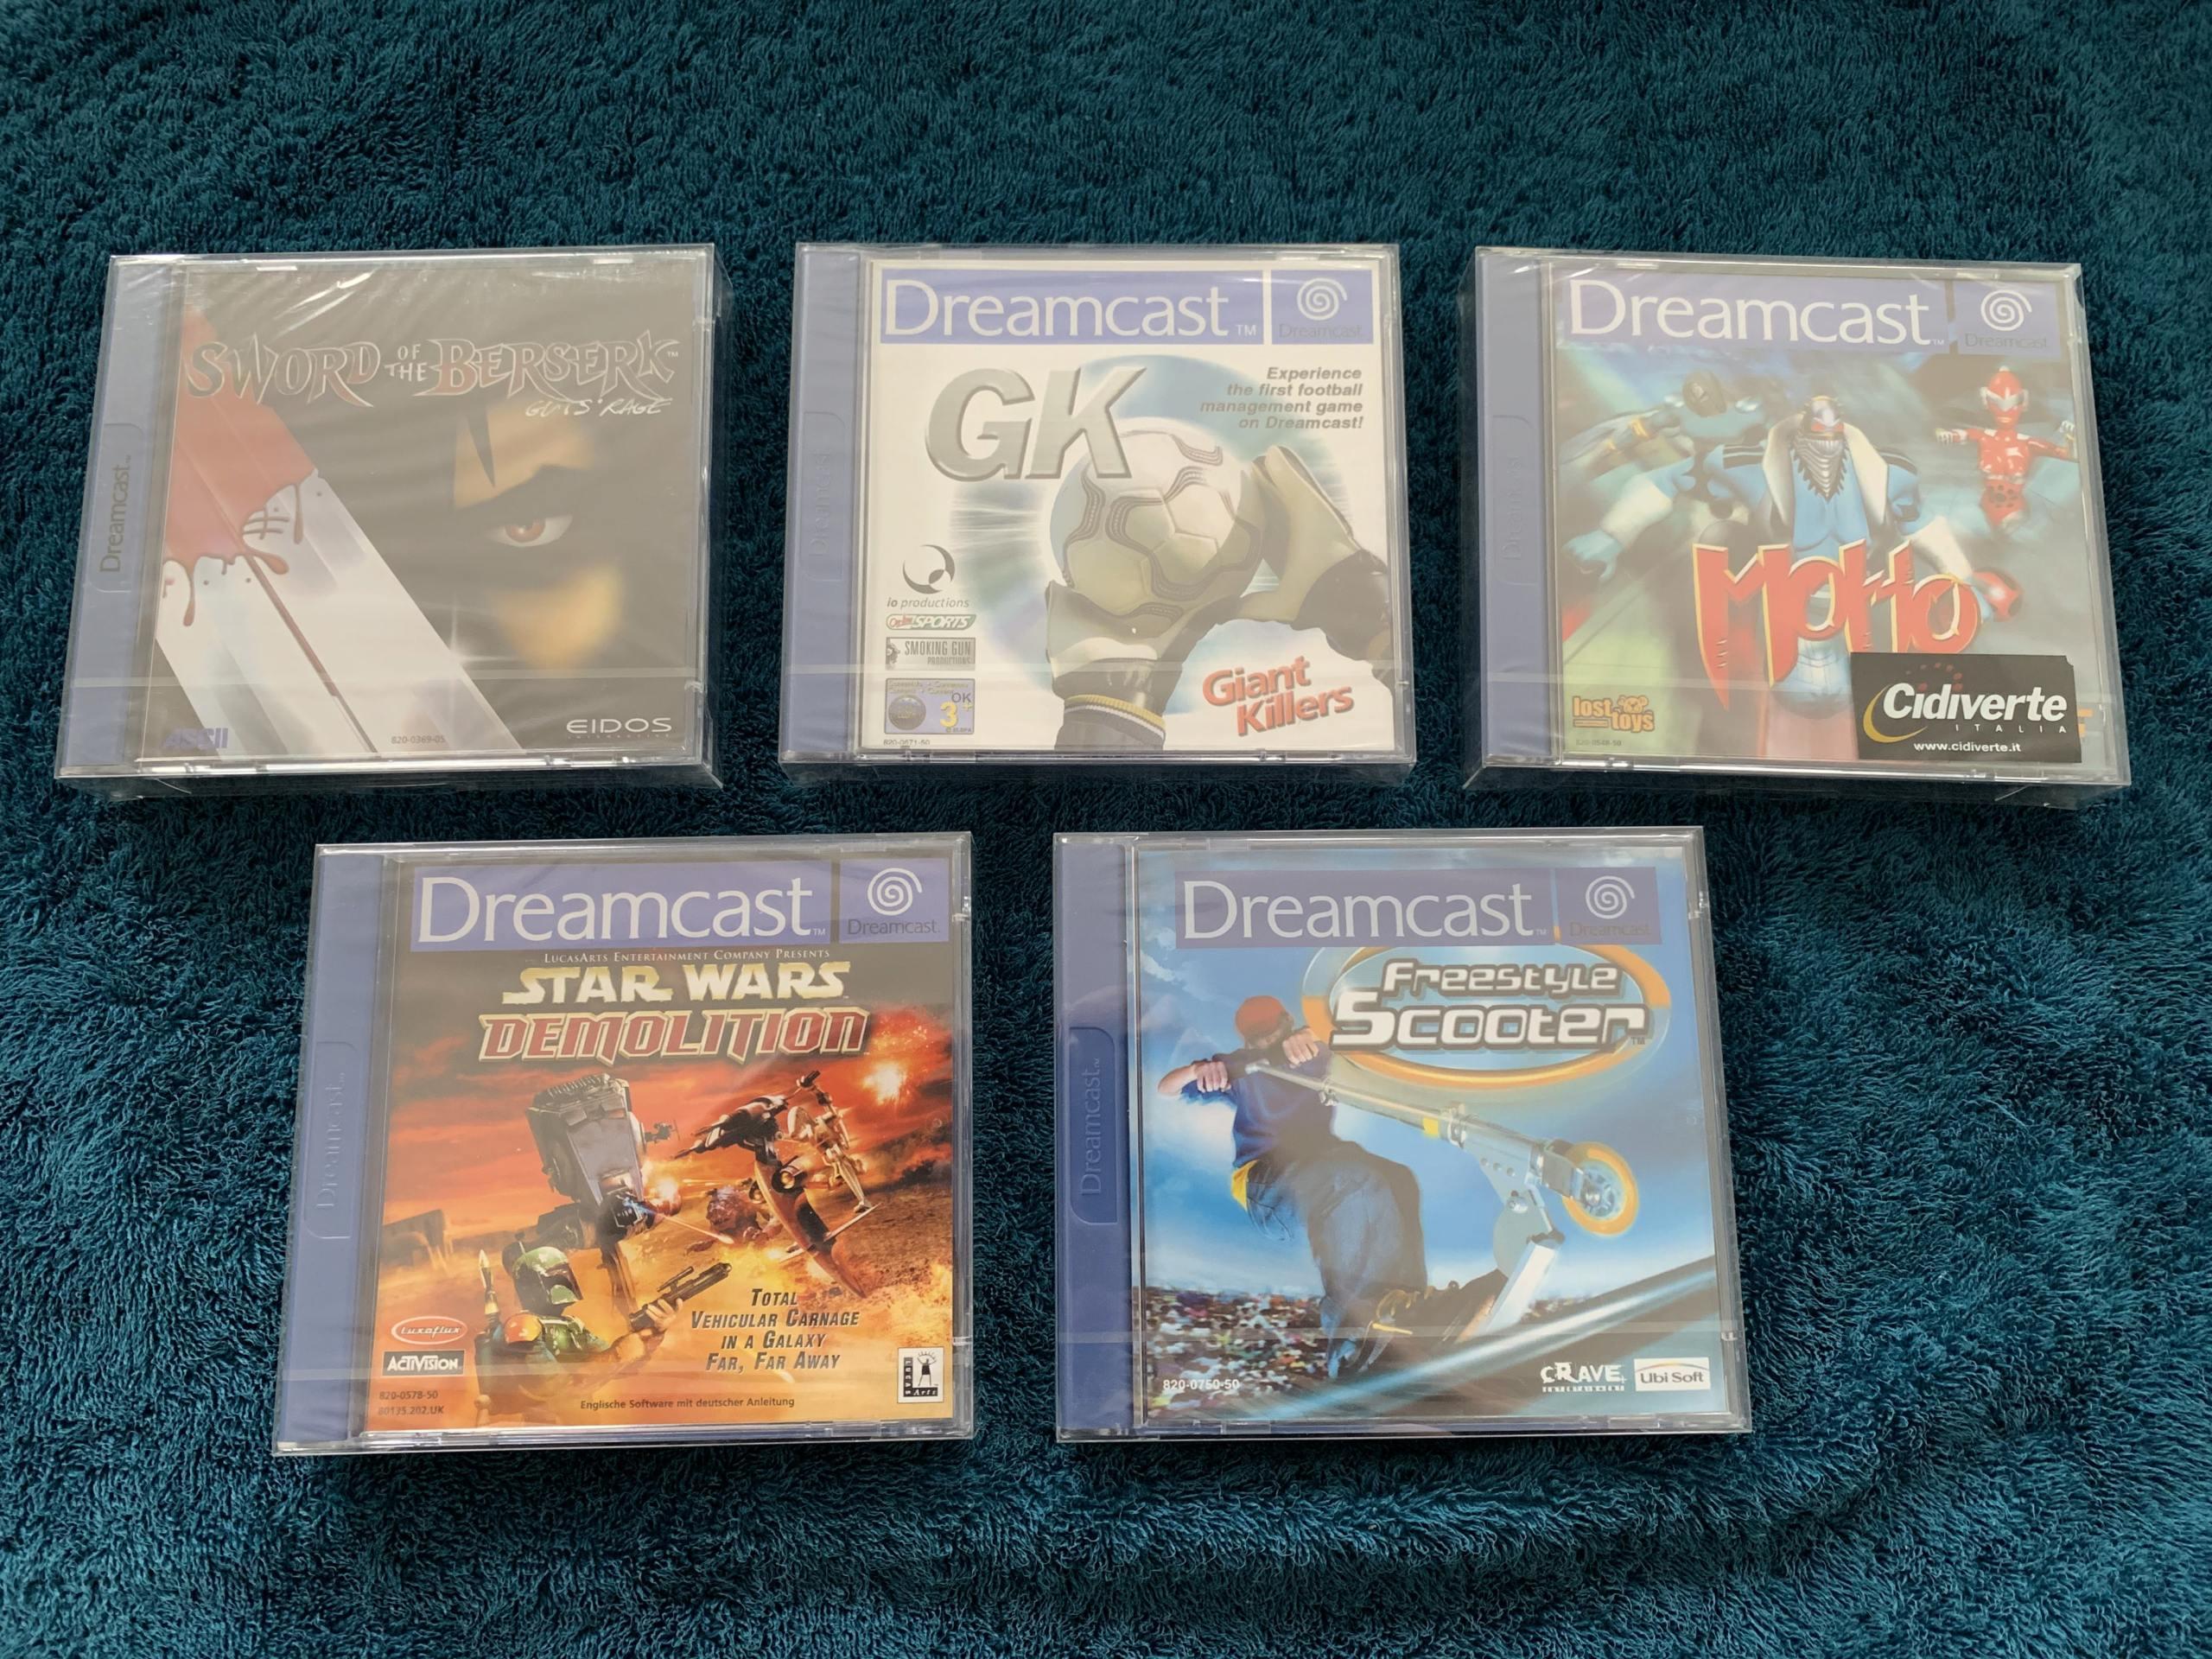 [VENDU] Fullset Jeux Dreamcast, Accessoires, Promo, Rigides... - 350 pièces - NEUF SOUS BLISTER 021_ex10